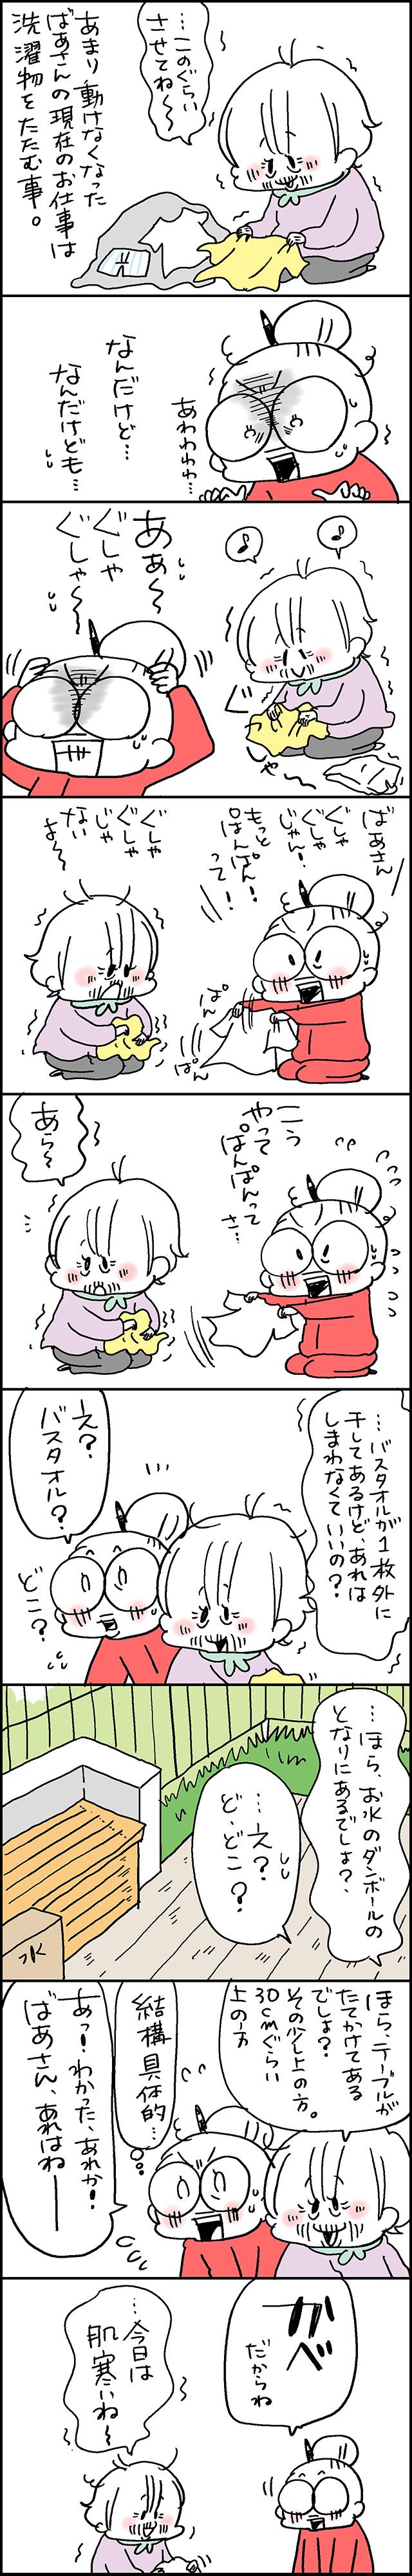 ボケと認知の狭間.jpg